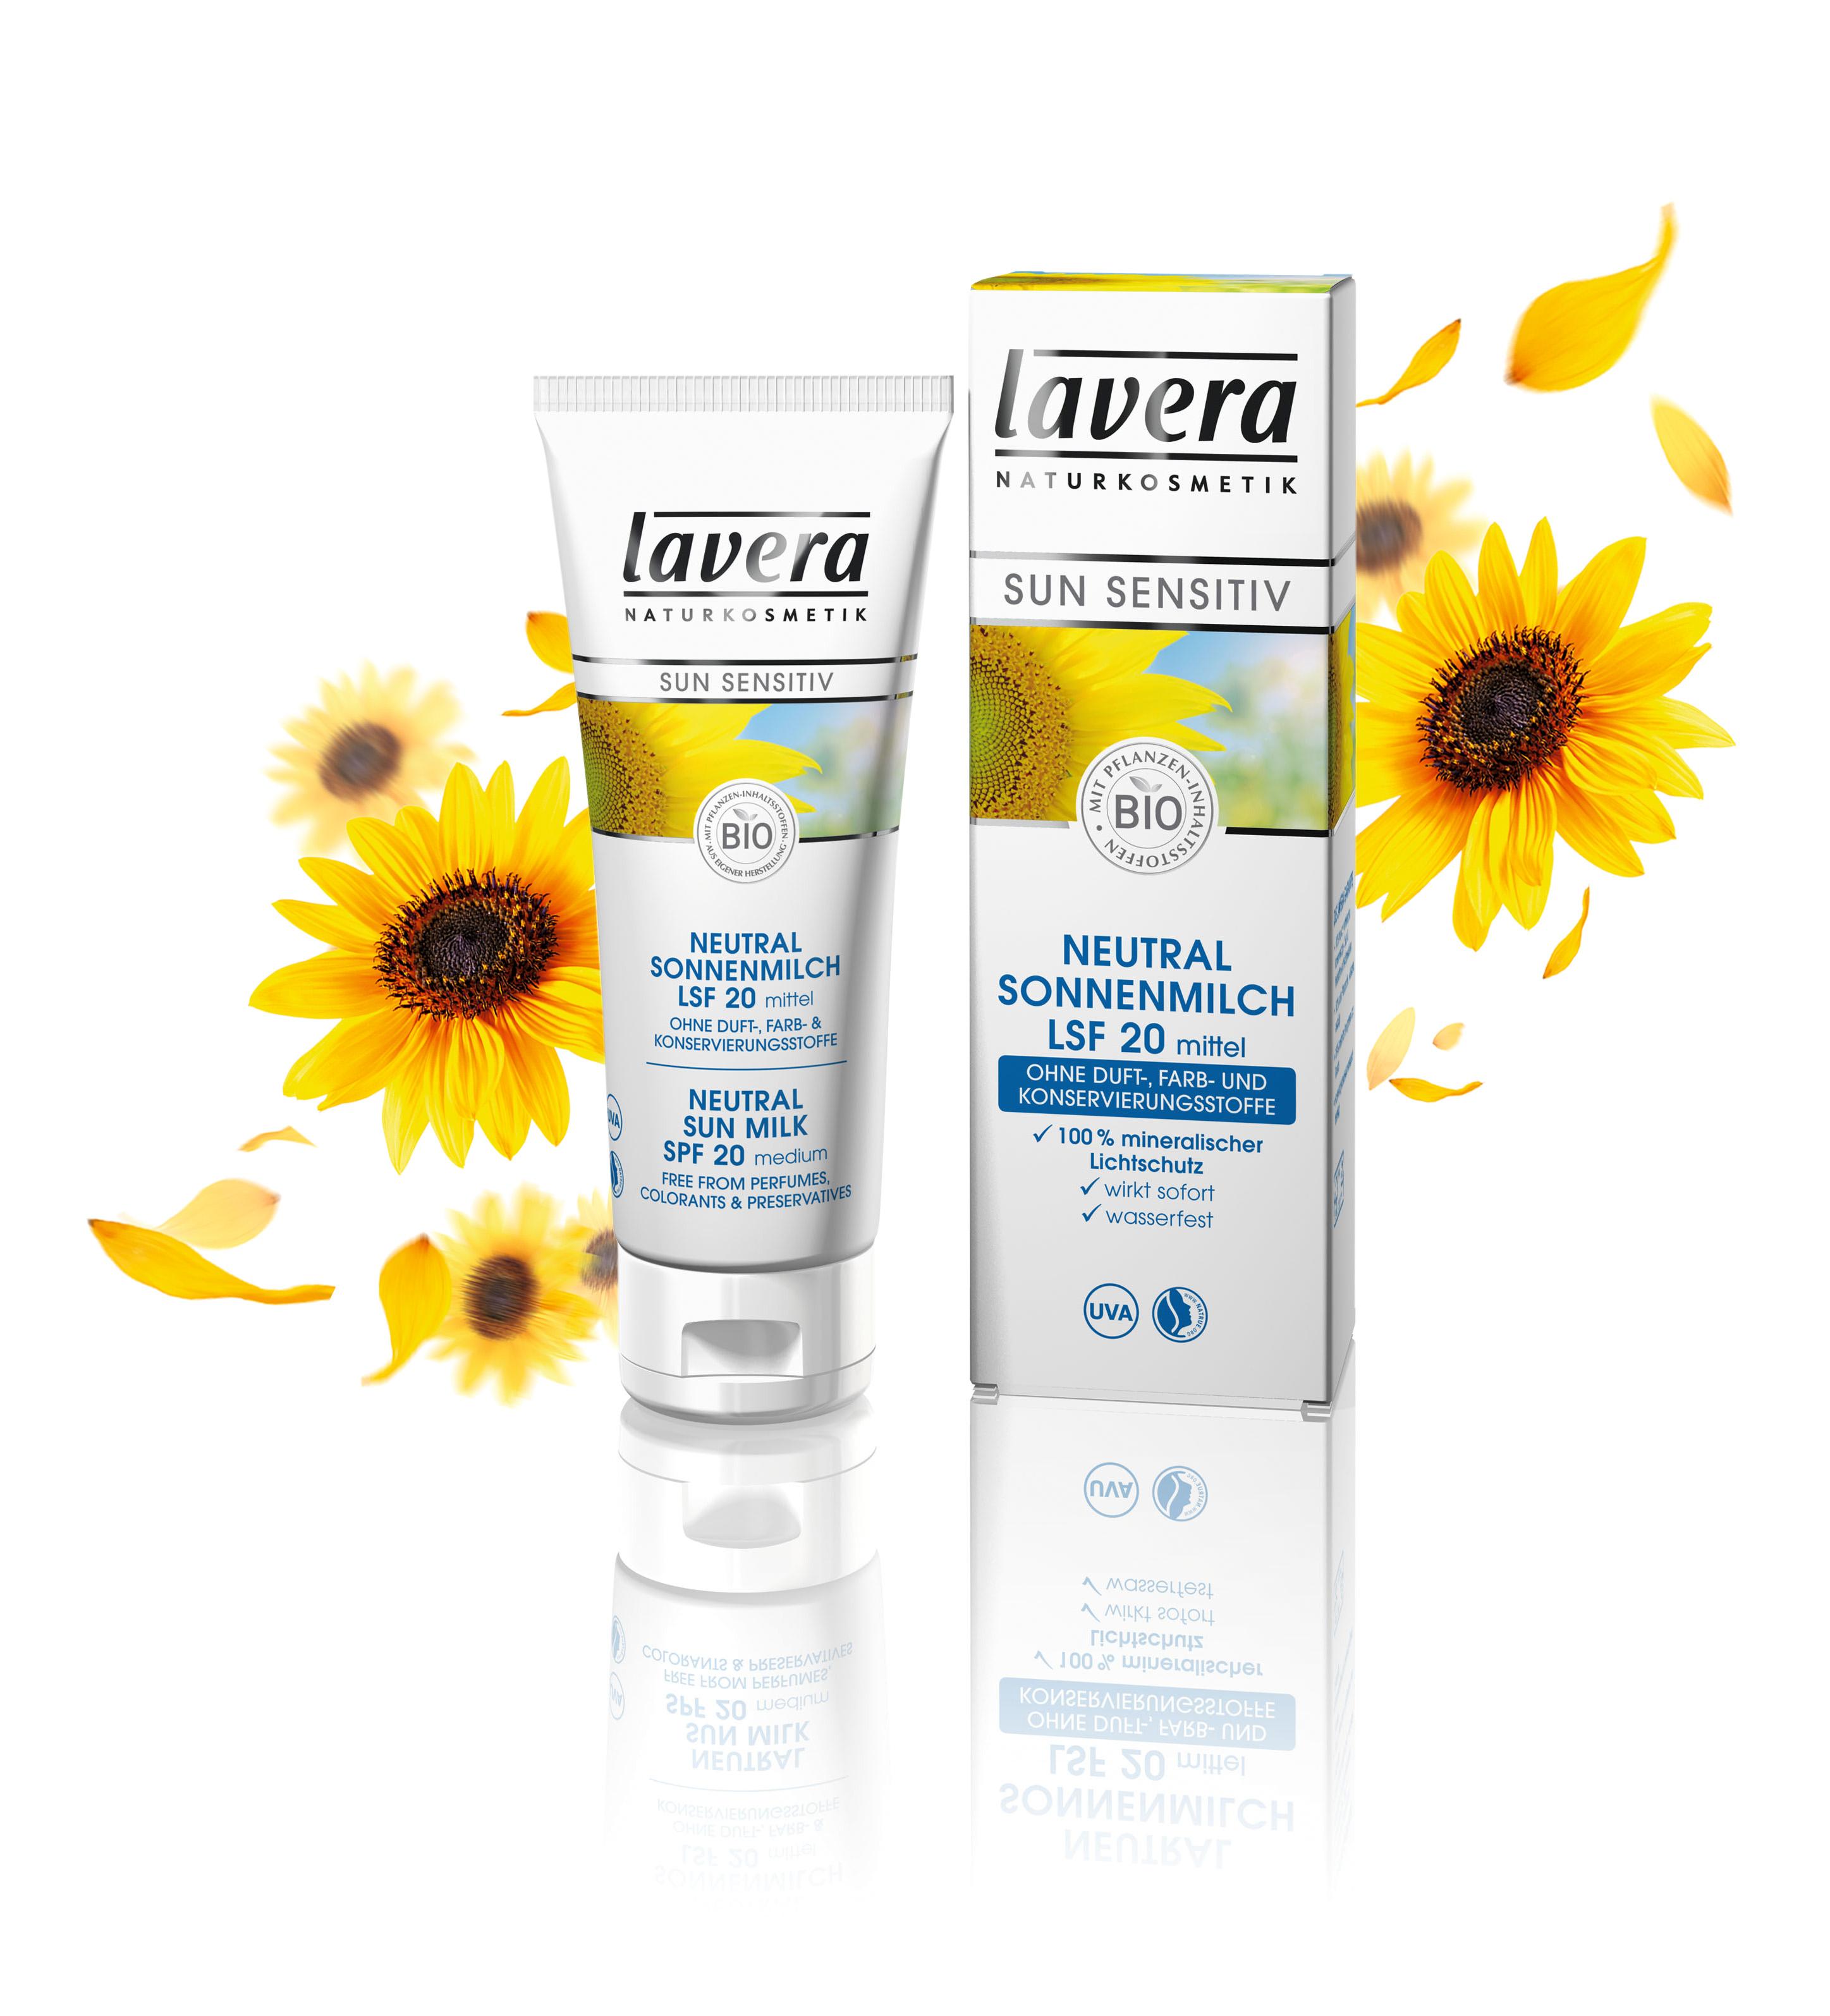 《ラヴェーラ》 ニュートラル サンミルク20 リニューアル新発売  UVAマーク表示&オーガニック認証コスメの敏感肌用日焼け止めクリーム